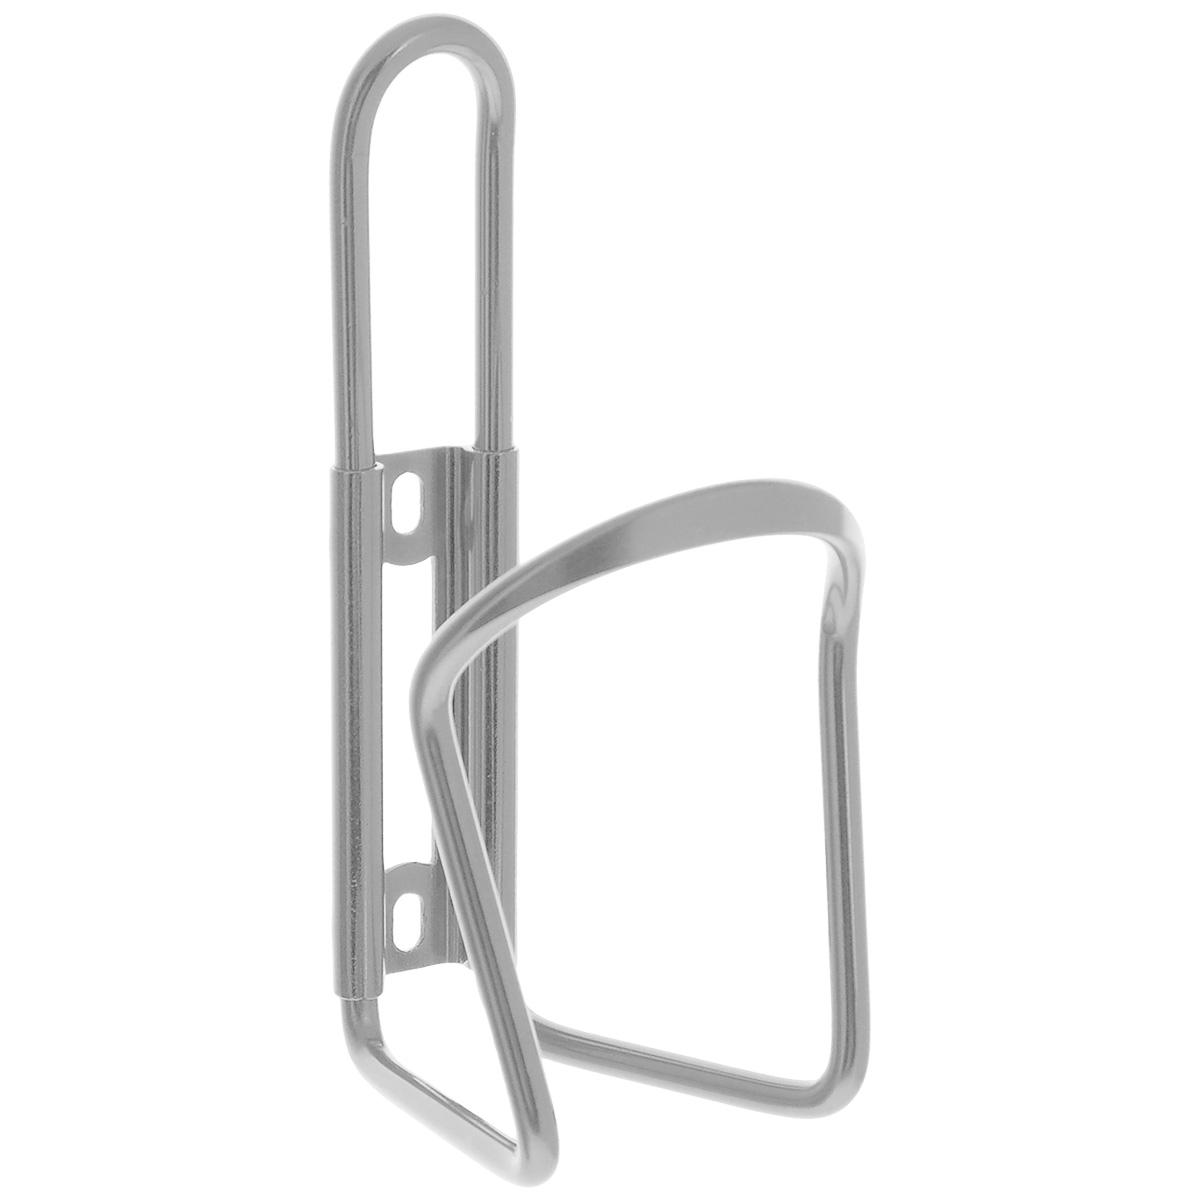 Флягодержатель Larsen, цвет: серебристыйMW-1462-01-SR серебристыйАлюминиевый флягодержатель Larsen, способный удерживать не только велофлягу, но и обычные пластиковые бутылки, закрепляется на раме велосипеда. Это незаменимая вещь для спортсменов и любителей длительных велосипедных прогулок. Благодаря держателю, фляга с водой будет у вас всегда под рукой.Держатель подходит для бутылок объемом от 0,5 л до 1 л и диаметром 6-10 см.